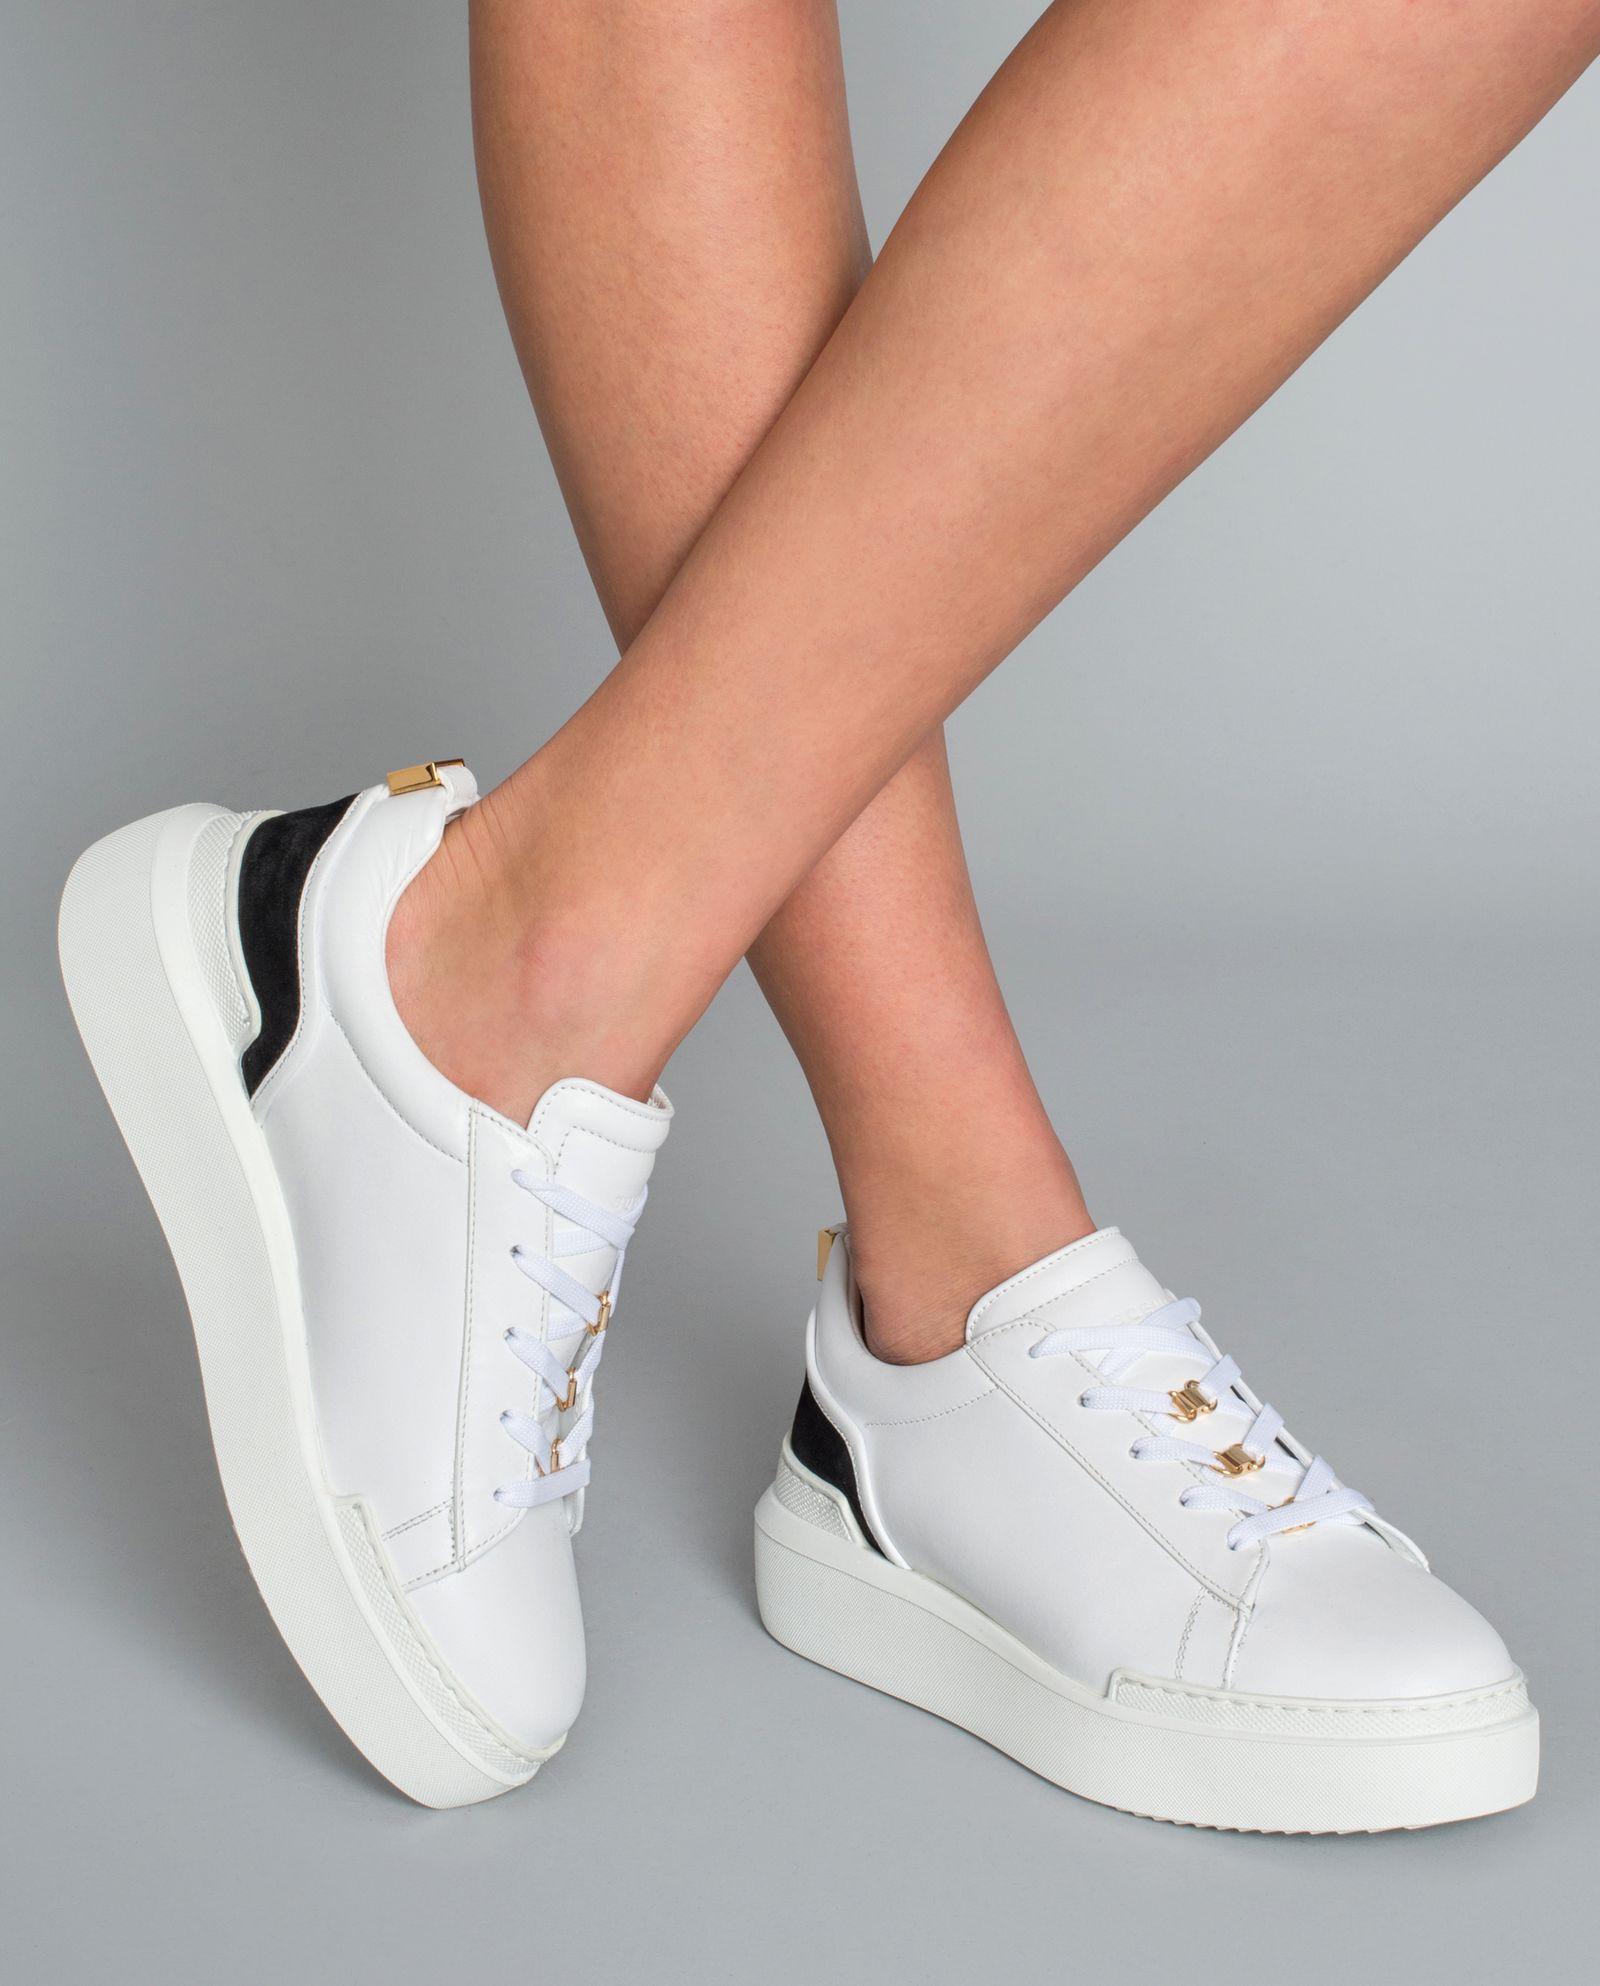 Sneakersy ninna BUSCEMI – Kup teď! Nejlepší ceny a recenze! Obchod  Moliera2.cz. 94186c4f73